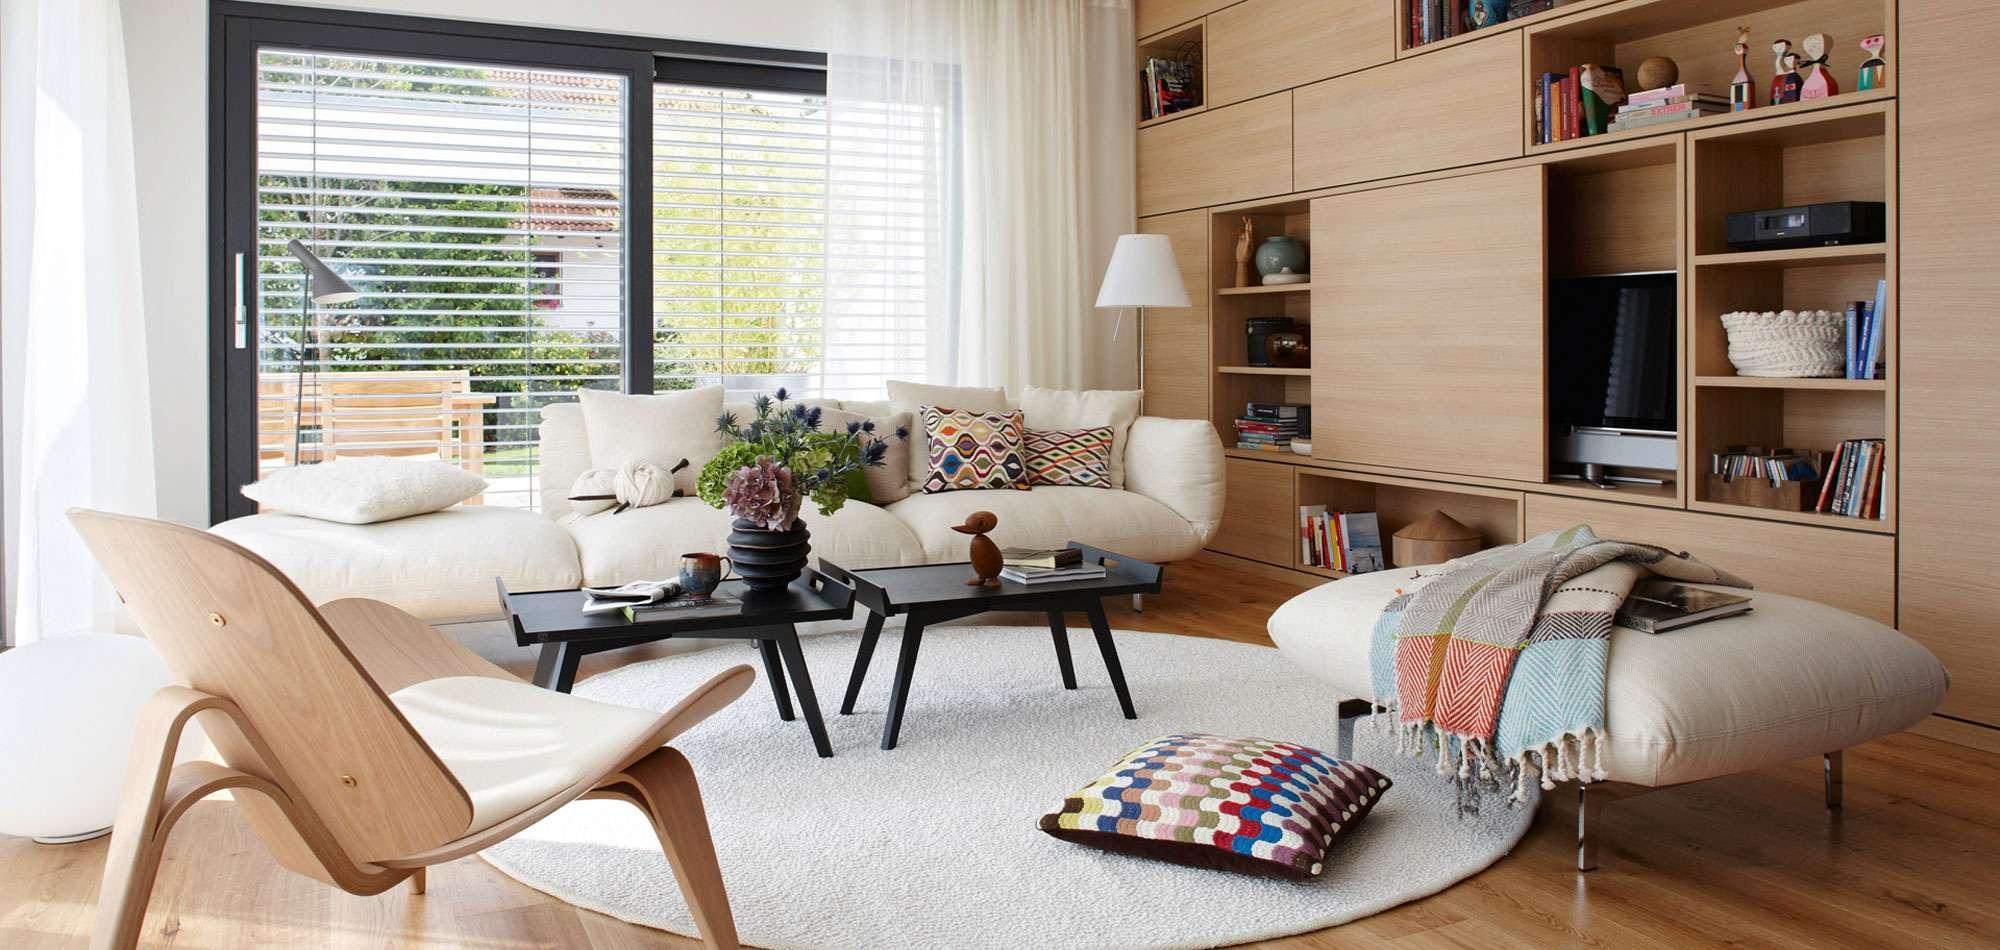 Küche Und Wohnzimmer In Einem Kleinen Raum